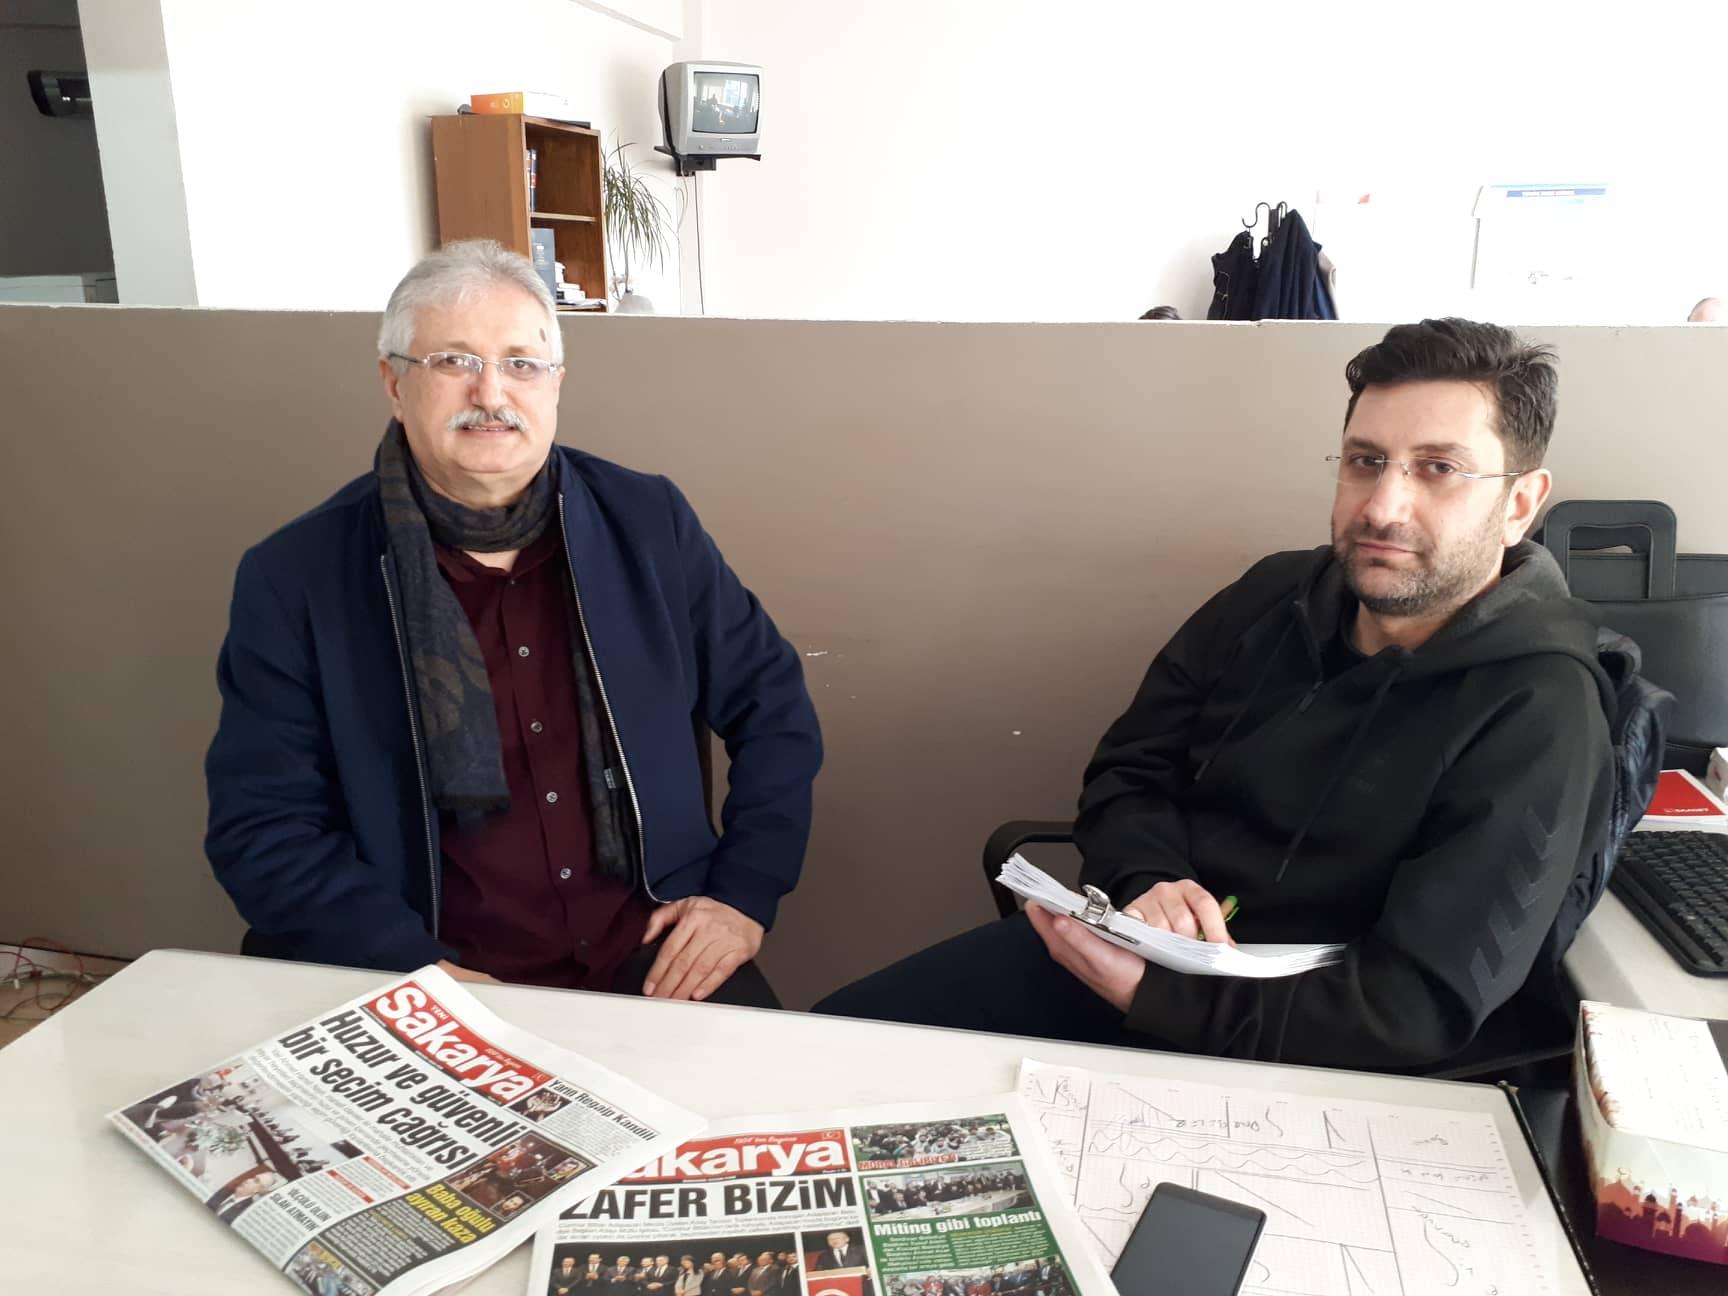 Yazar Fahri Tuna İle 'Yeni Sakarya'da 30 Yıl' Röportajı